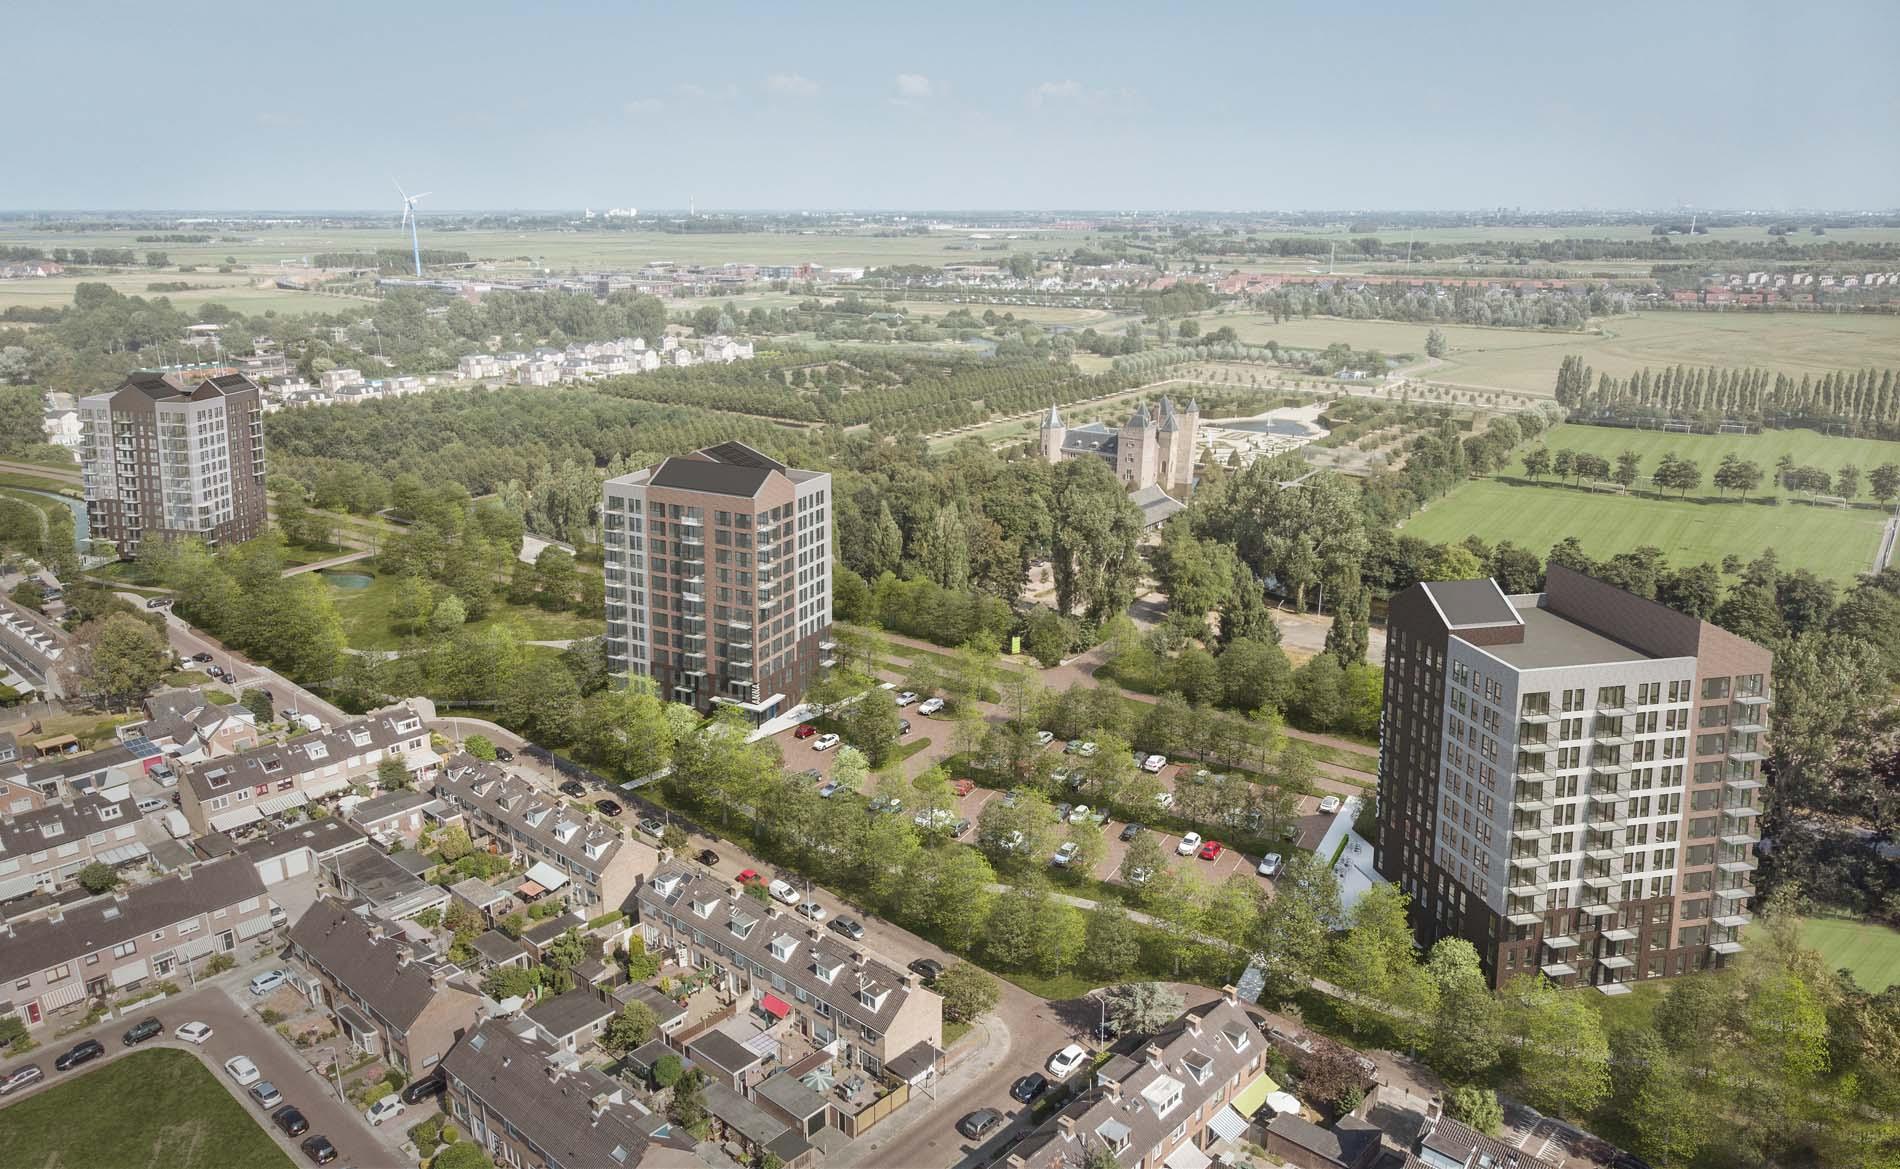 architect appartementen appartementengebouw architectuur sociale woningbouw huurwoningen Slotvrouwe Heemskerk BBHD